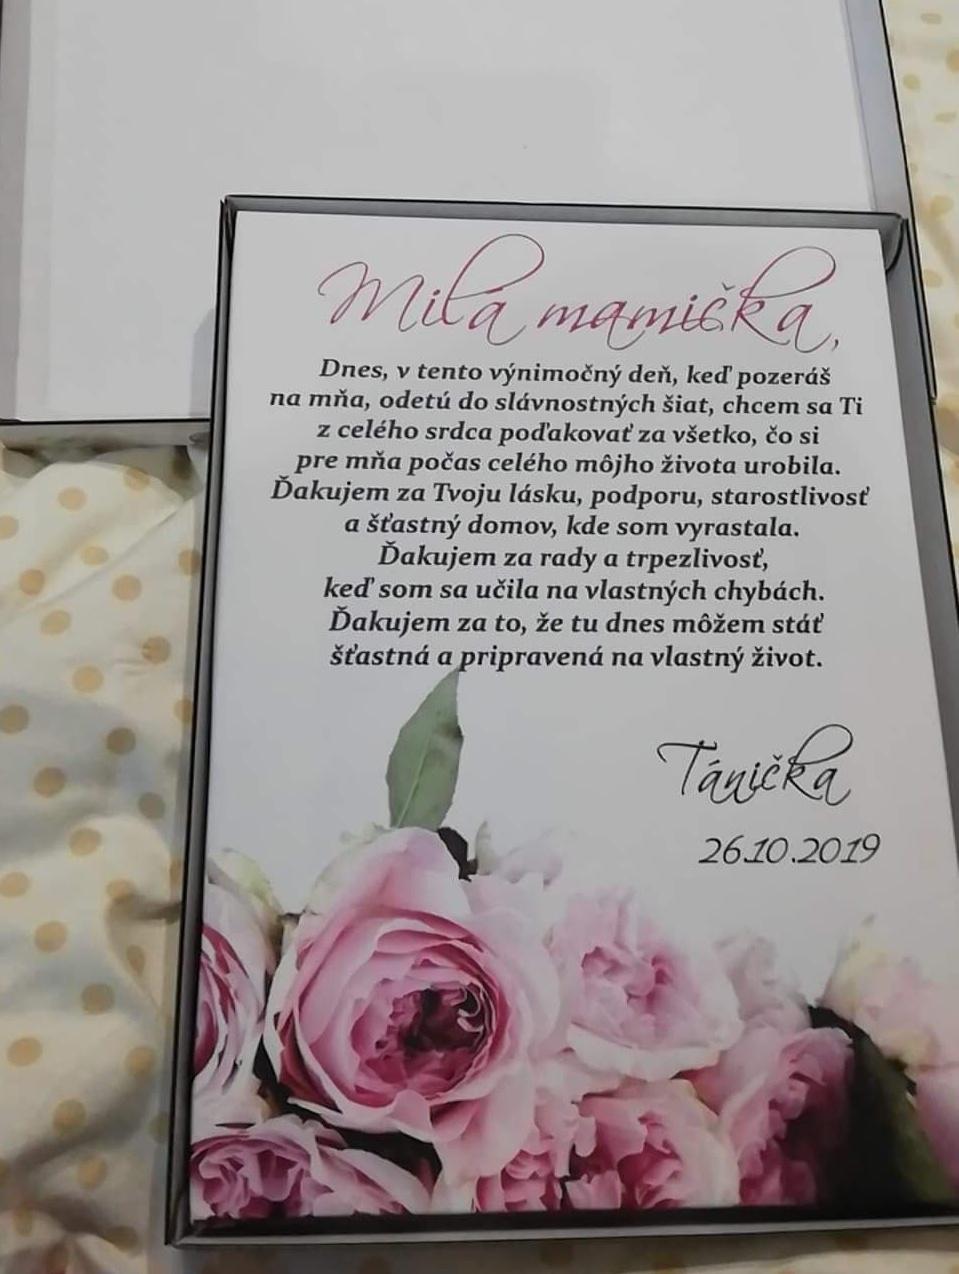 Plánovanie toho nášho najkrajšieho DŇA  :-) - Poďakovanie pre mamičku :-)